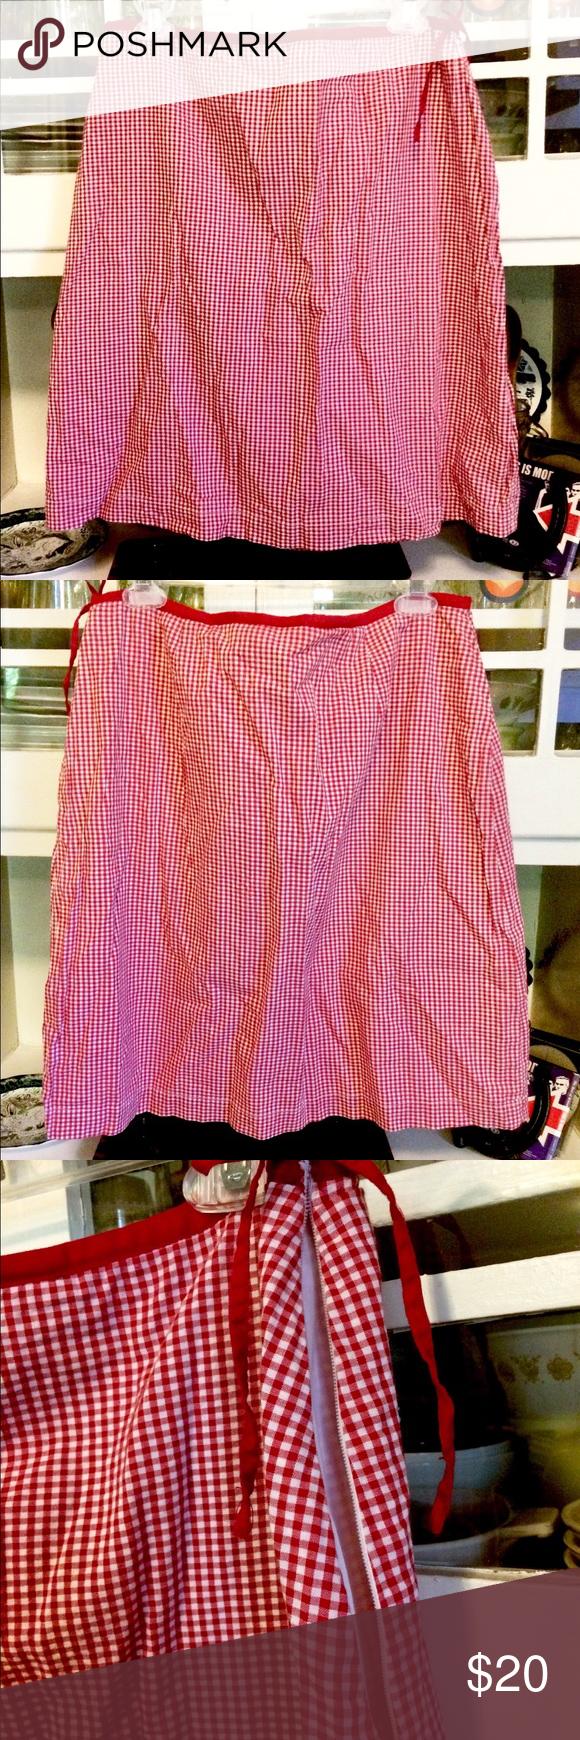 fe437ab0e74 Vintage Red/white Gingham Mini Skirt-Size 14 Super cute, lightweight gingham  mini